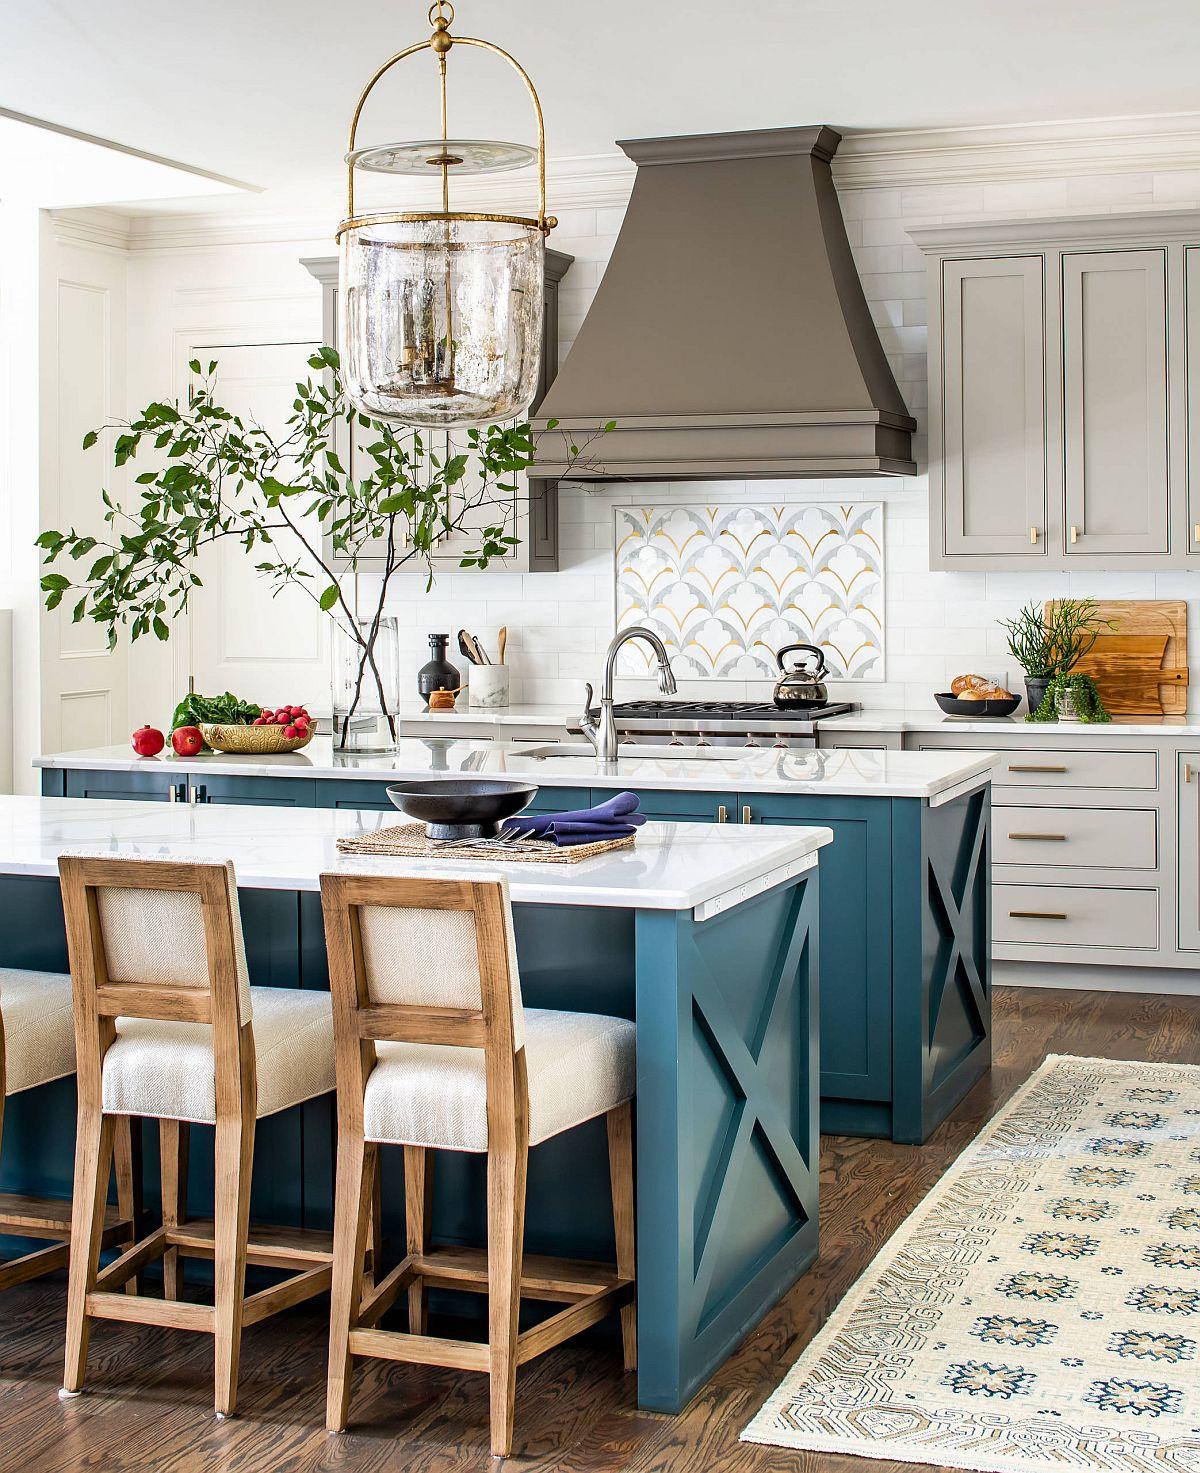 Tìm màu xanh mòng két với sự thống trị của màu xanh lam mà bạn yêu thích cho đảo bếp